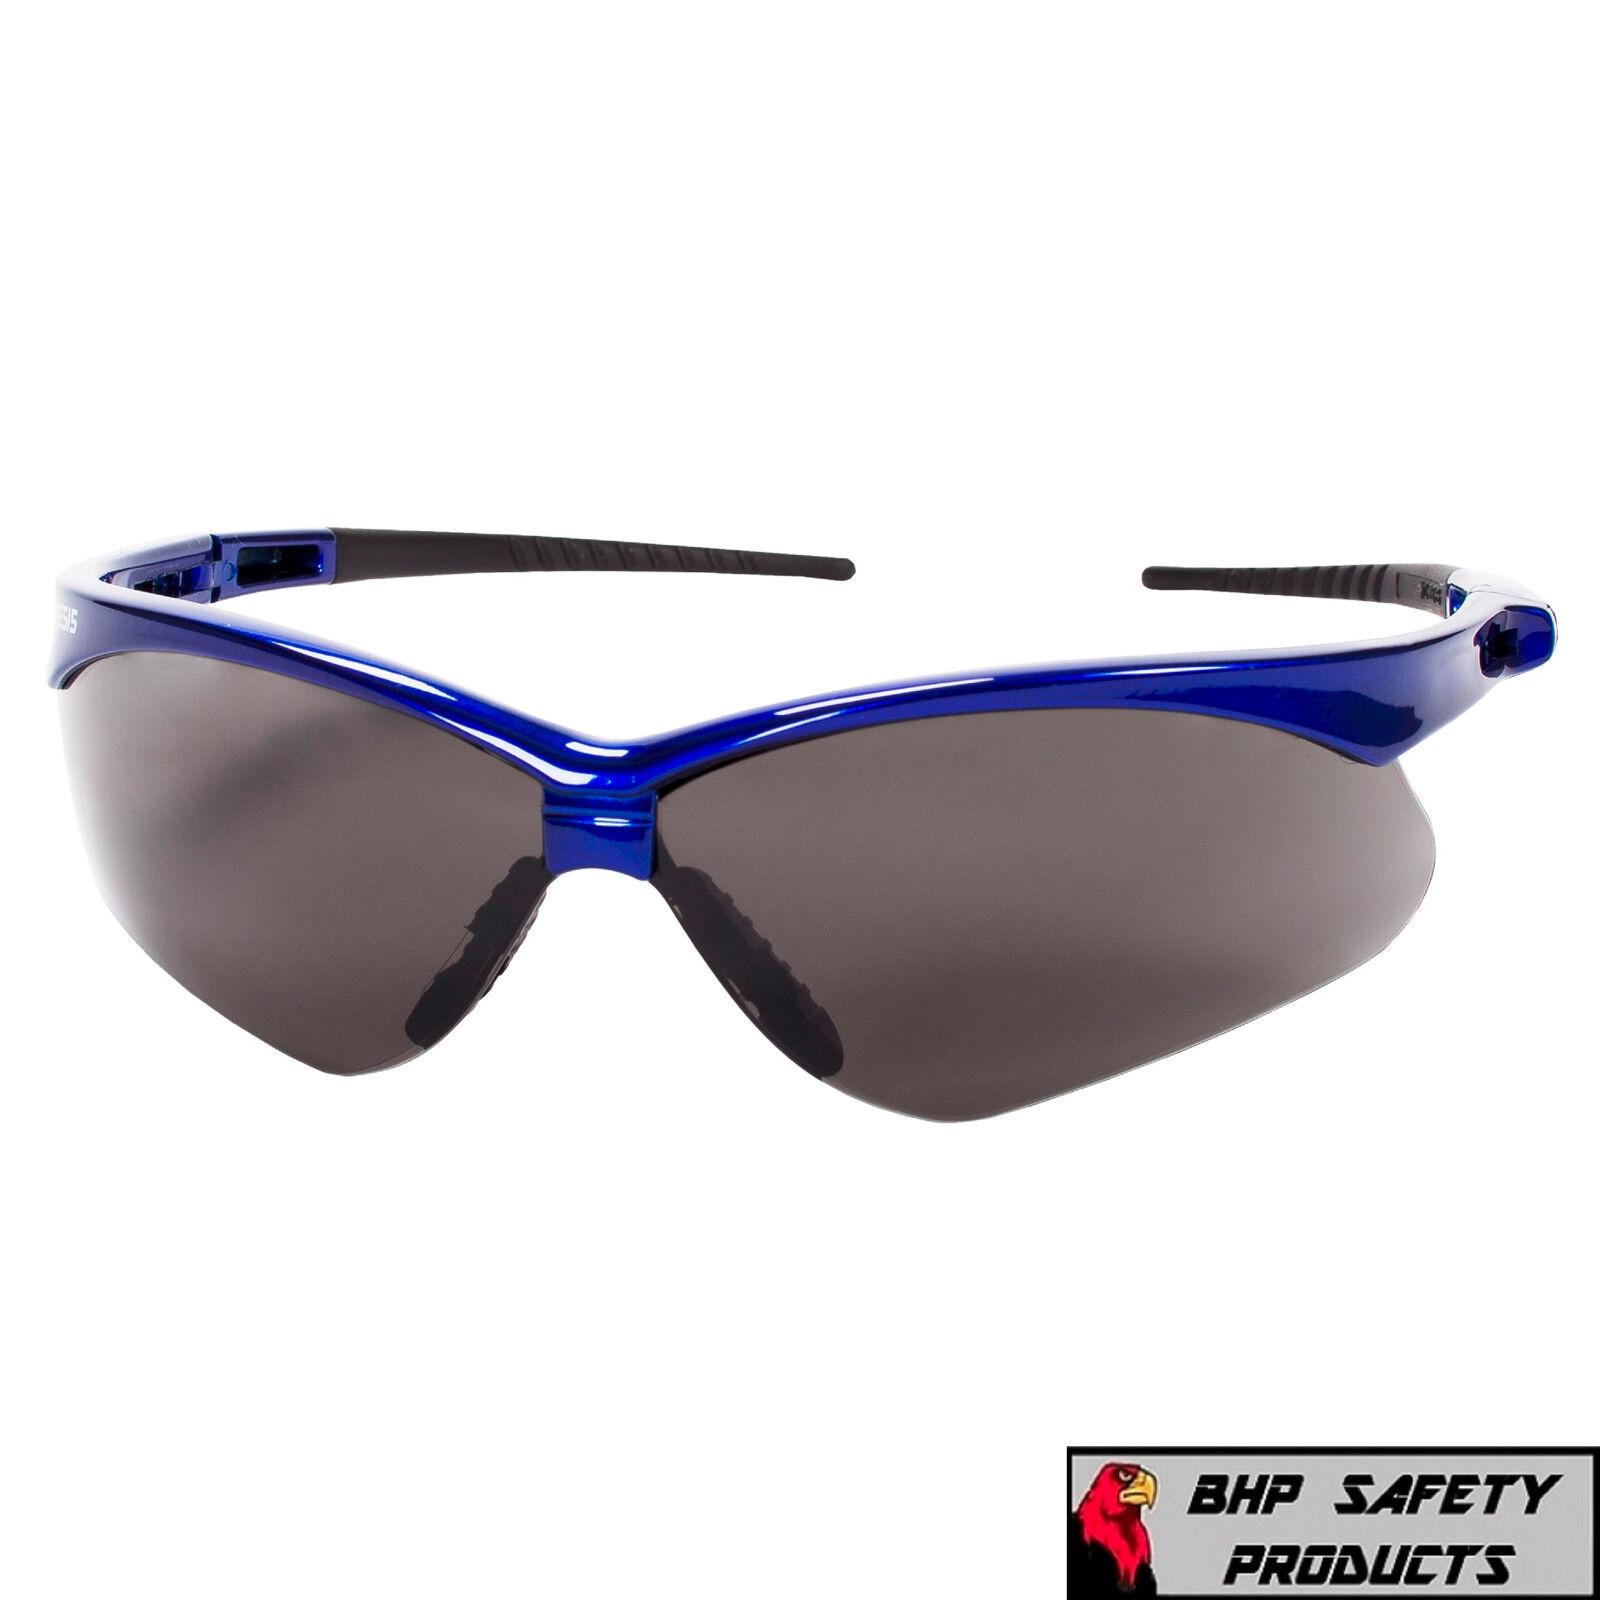 JACKSON NEMESIS SAFETY GLASSES SUNGLASSES SPORT WORK EYEWEAR ANSI Z87 COMPLIANT 47387- Blue Frame/Smoke AF Lens